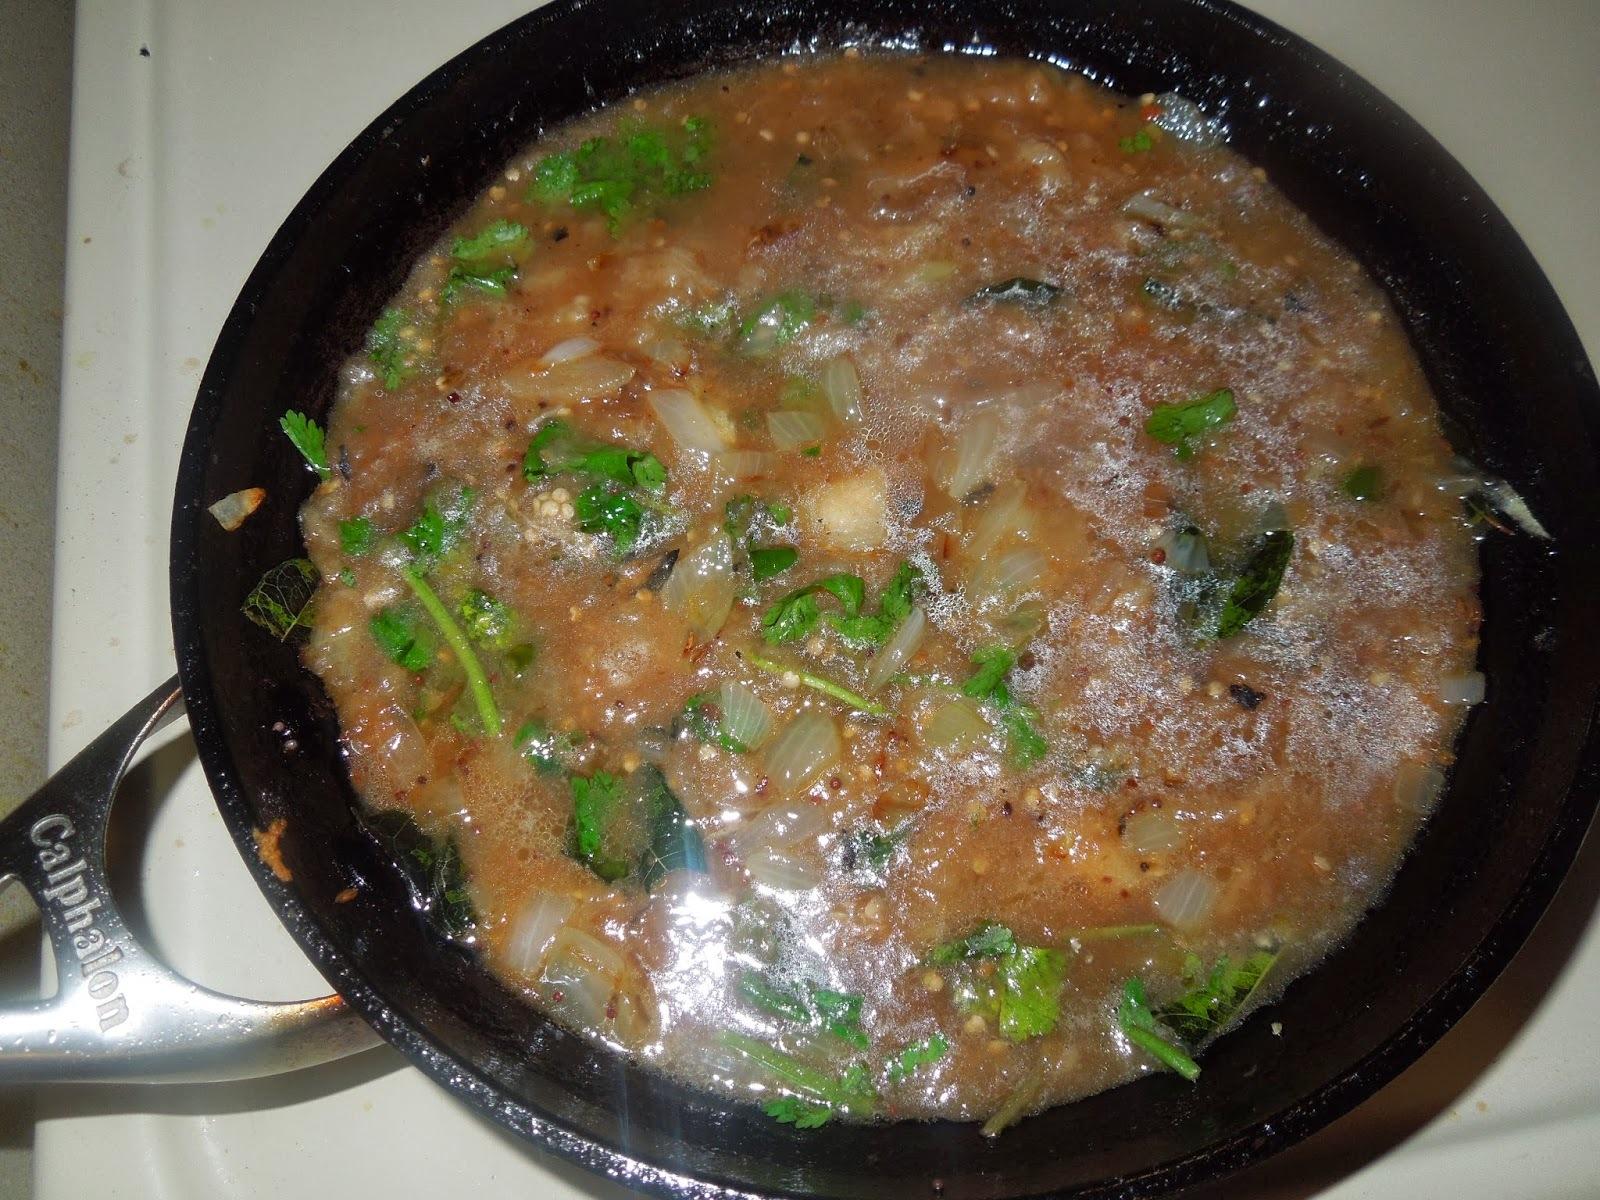 Brinjal   Gujju (Eggplant)